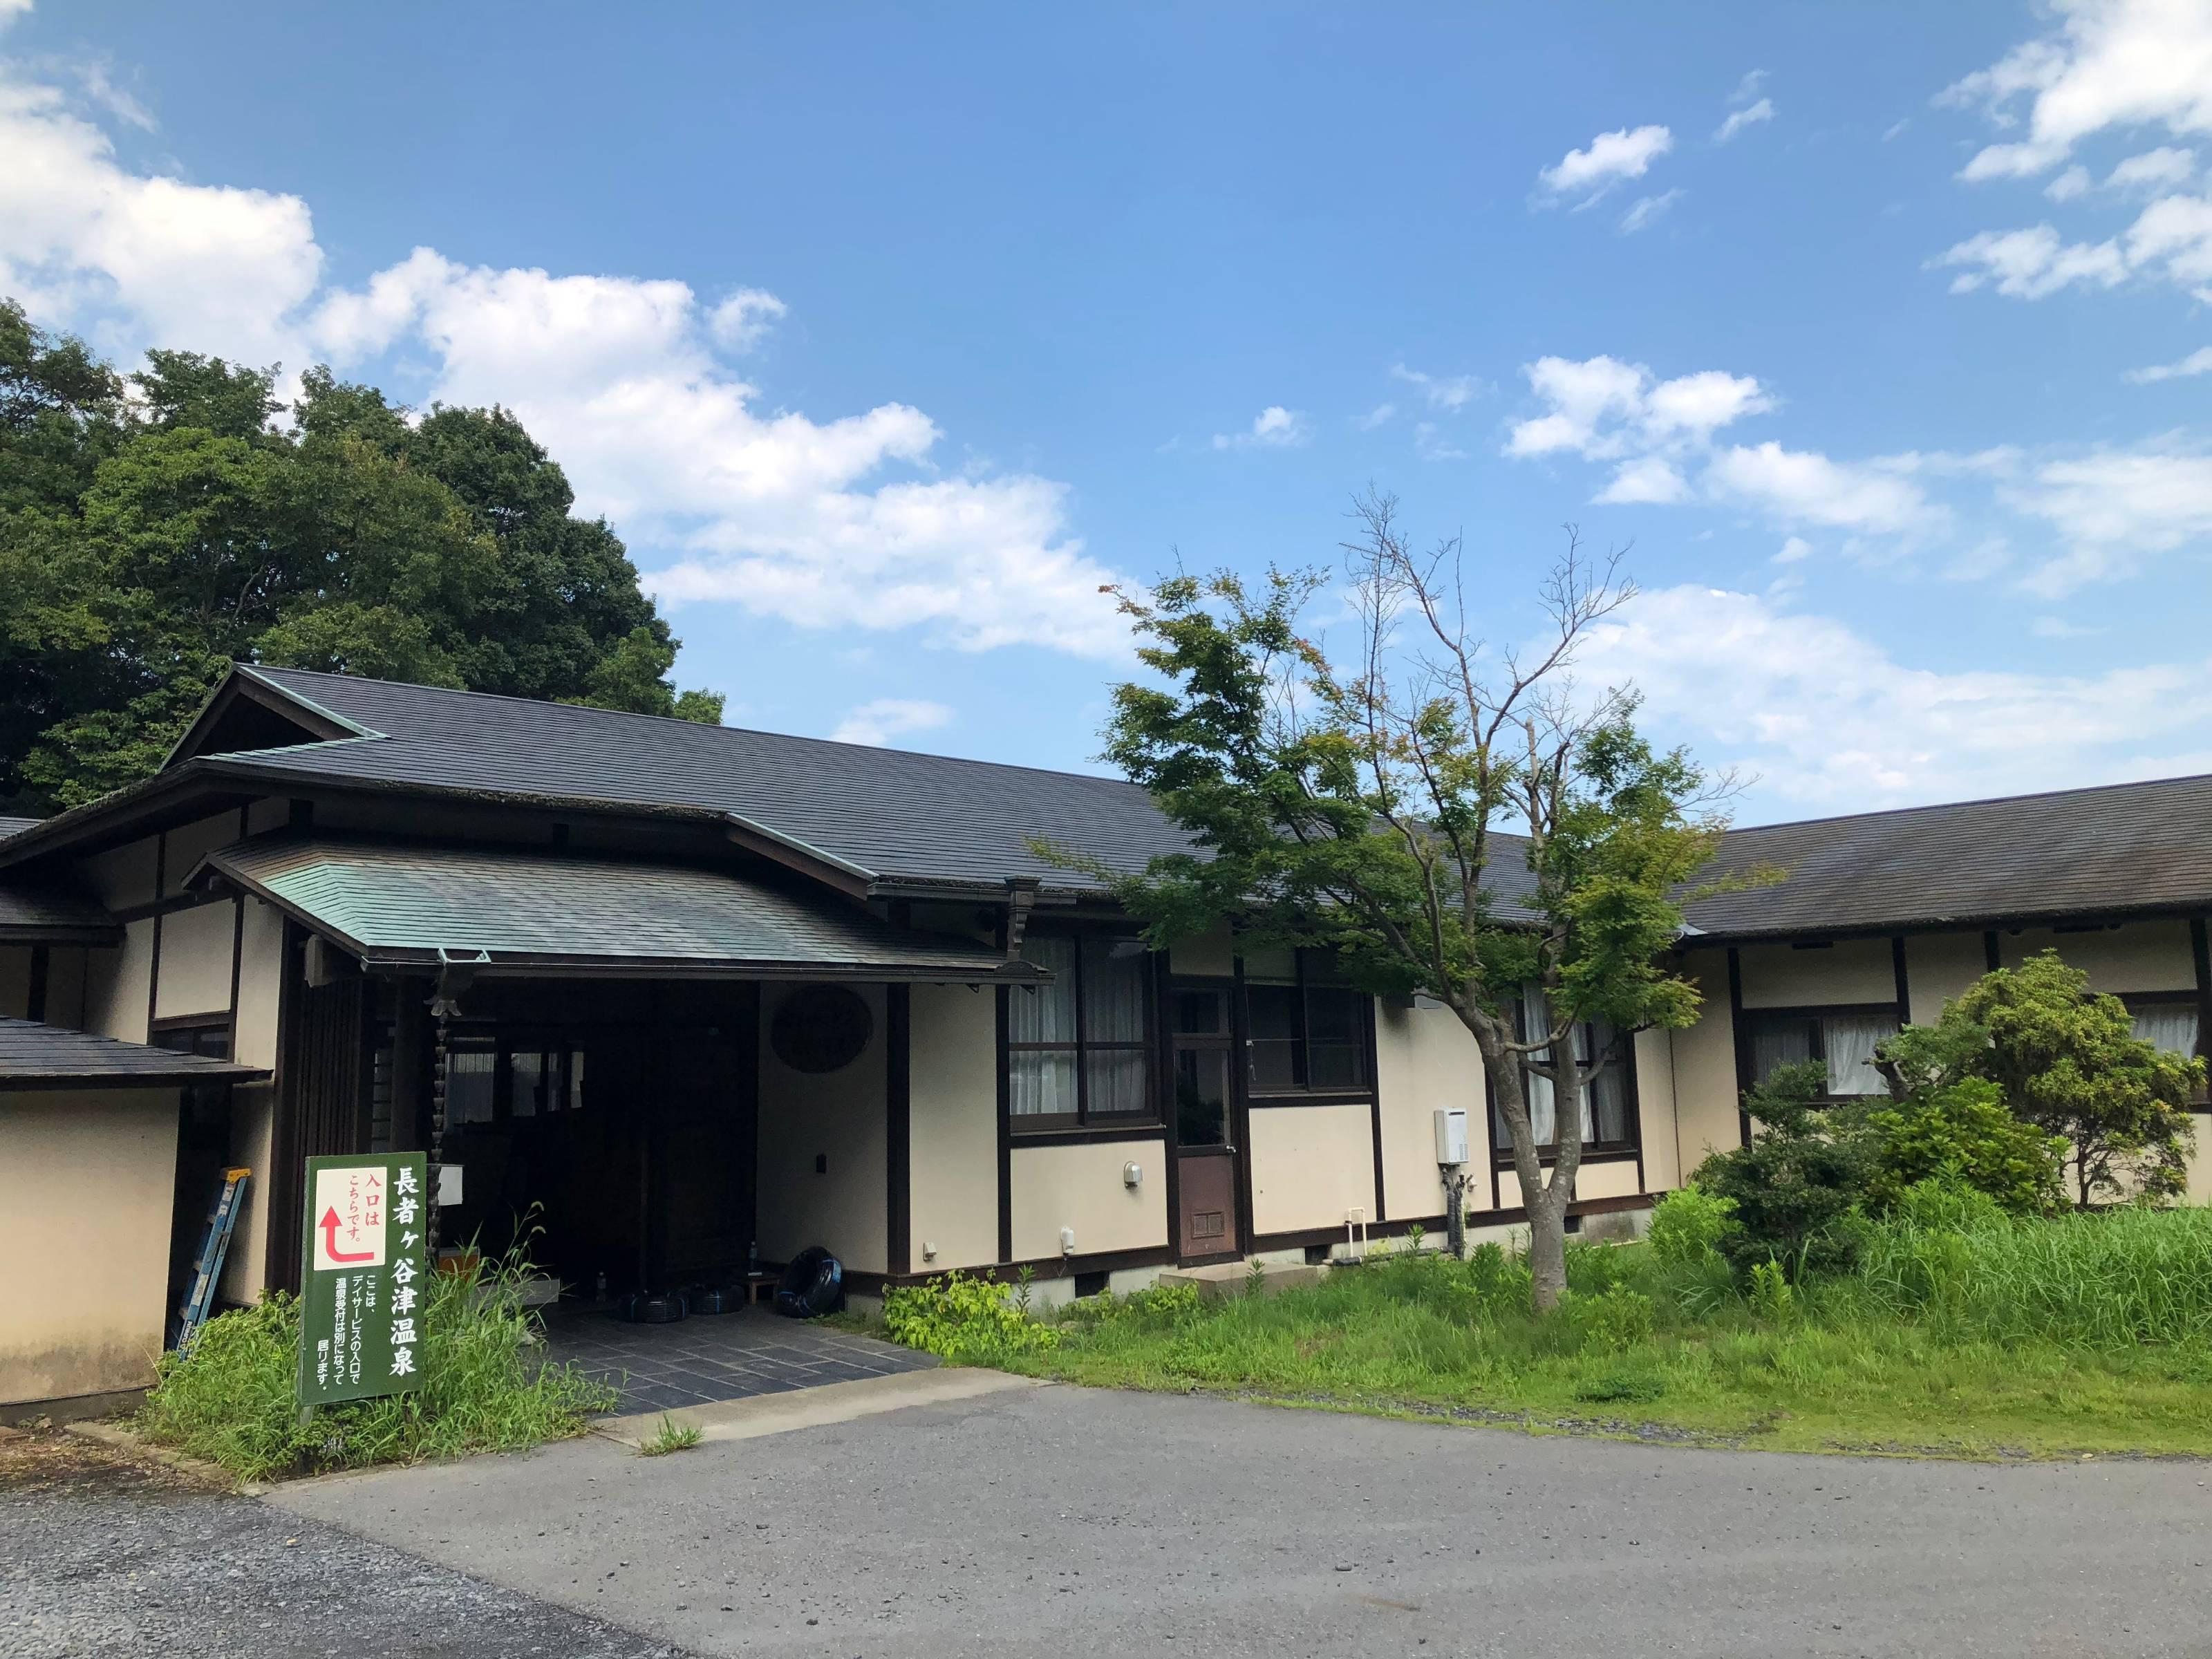 デイサービス野ばら長者ヶ谷津温泉館(株式会社マネジメントセンター)